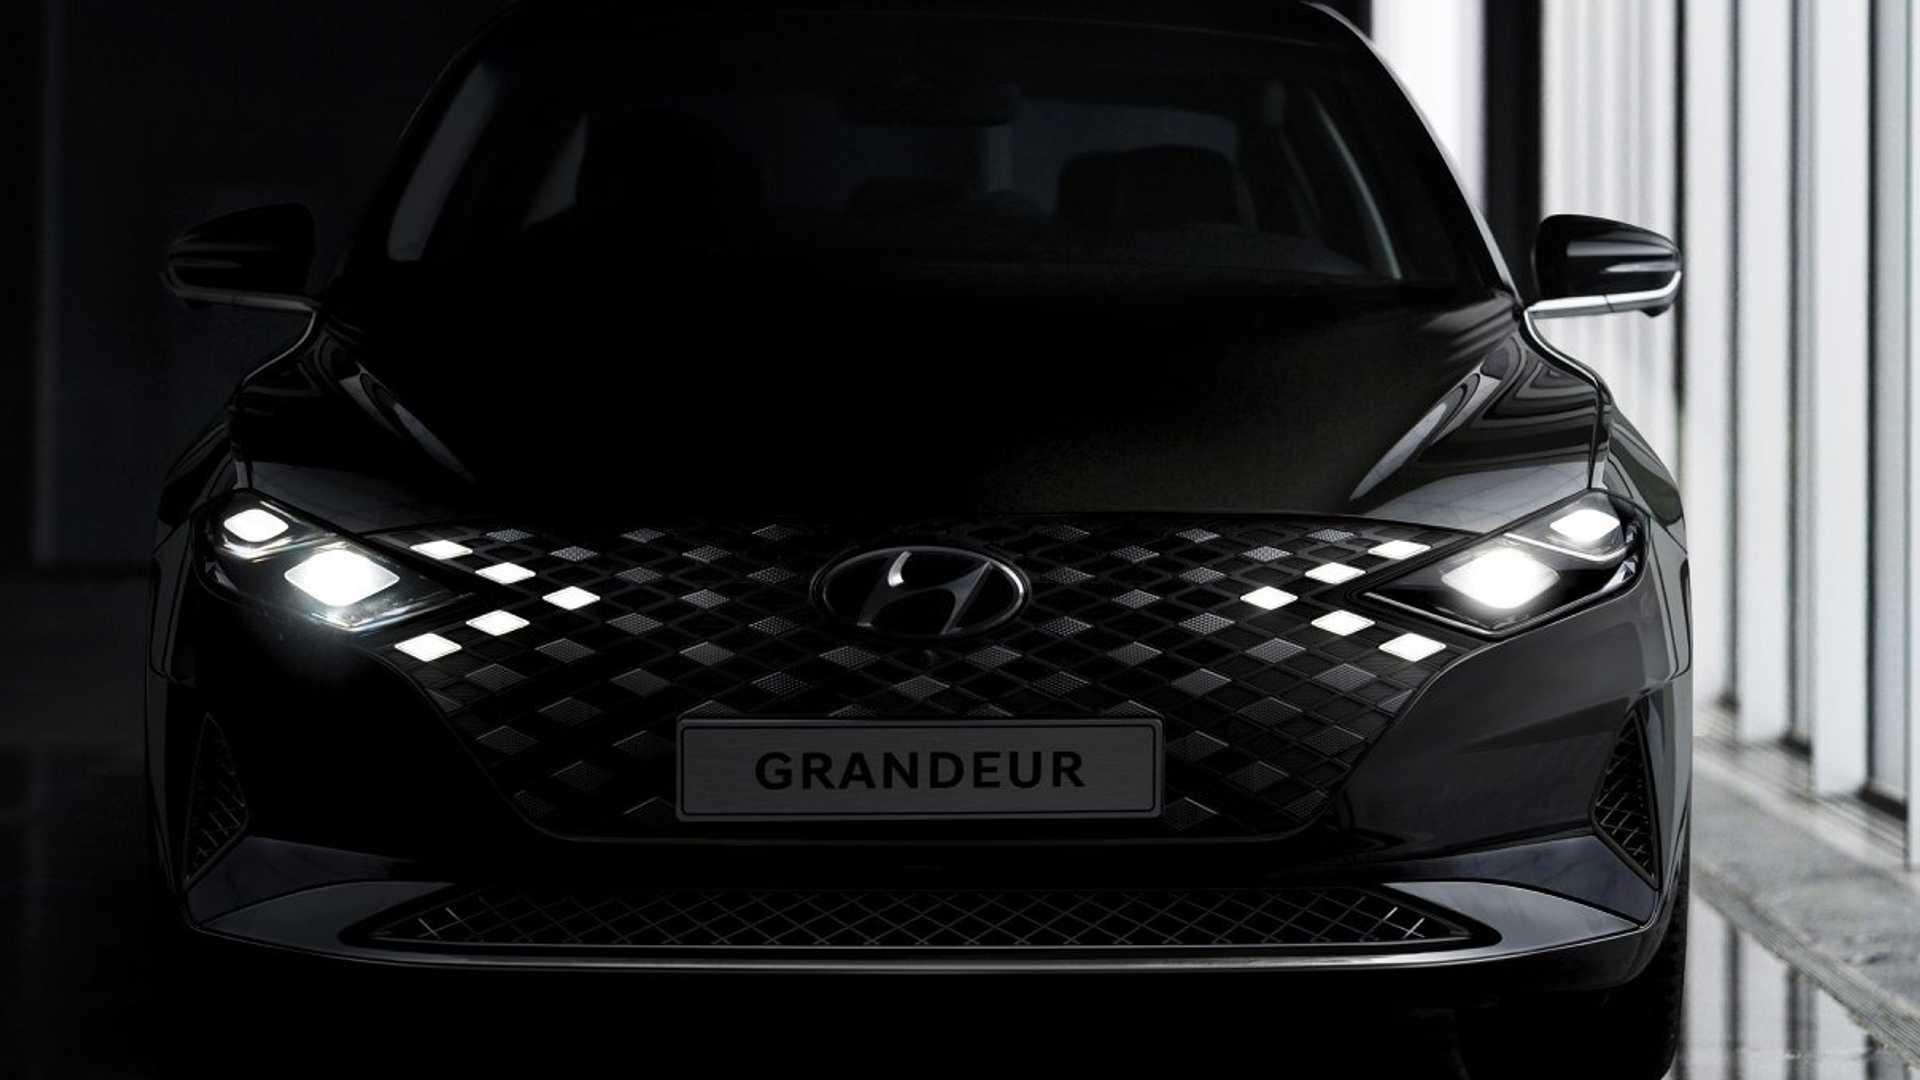 2020-hyundai-grandeur-facelift (1).jpg